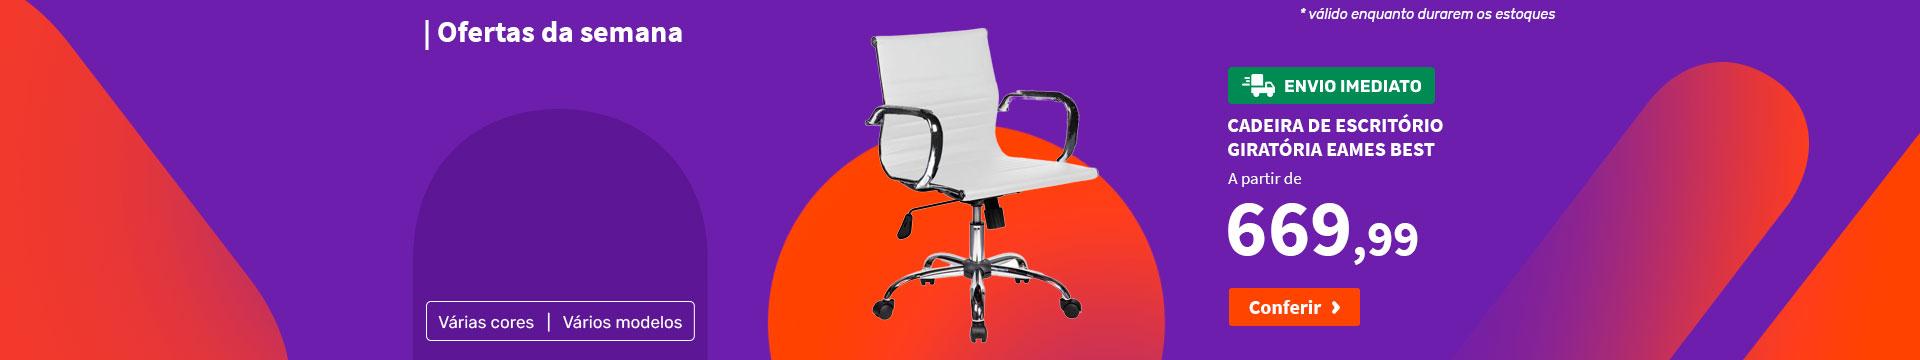 Cadeira de Escritório Giratória Eames Best - Ofertas da semana